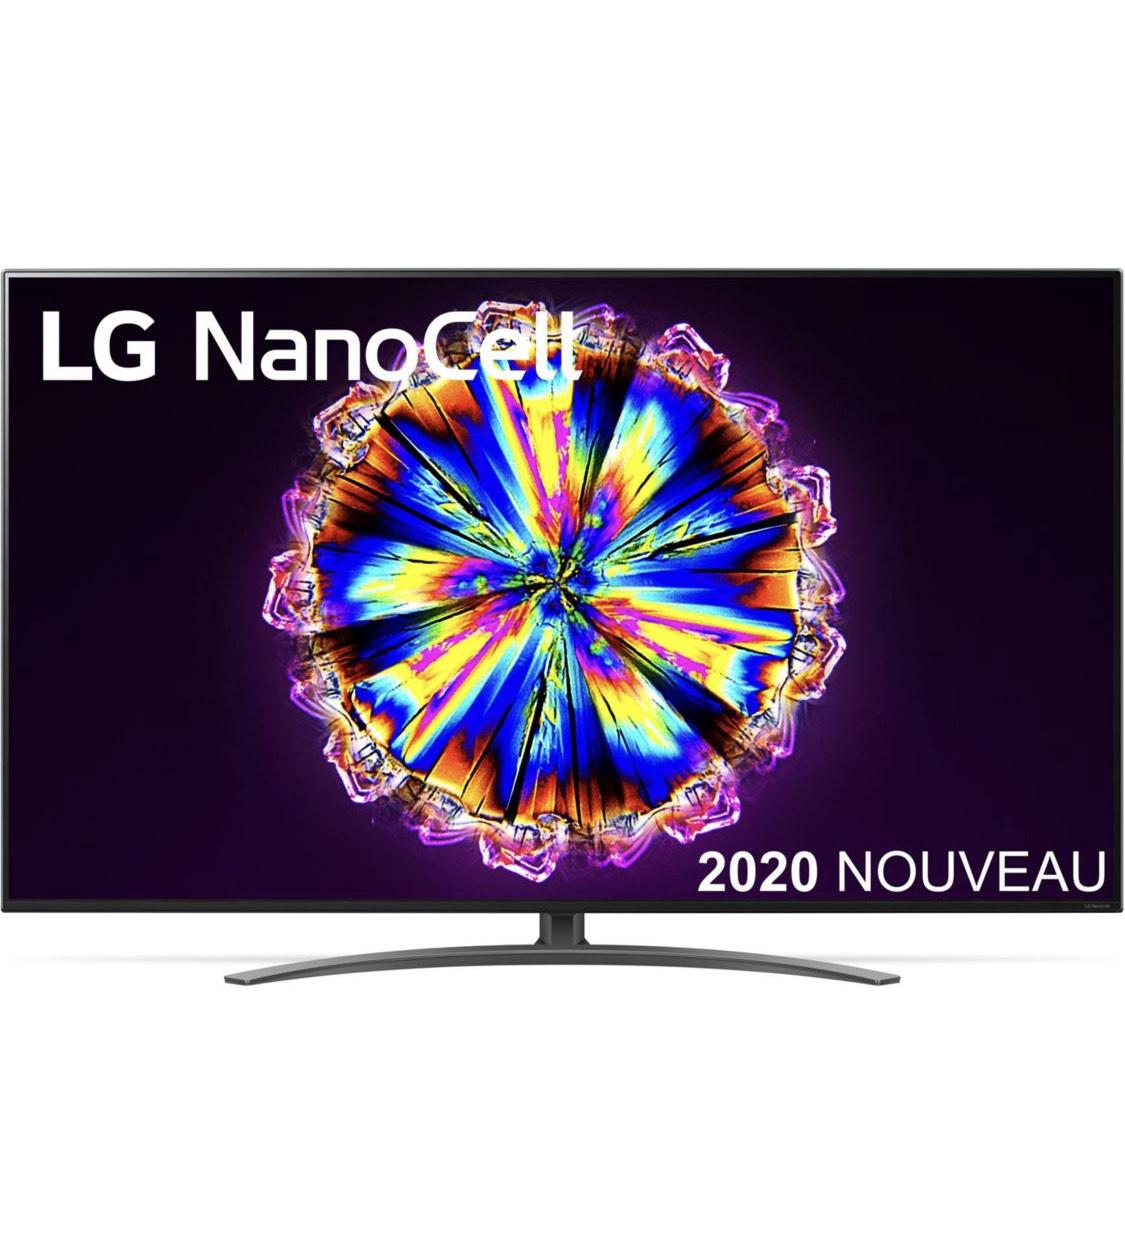 """TV LED 55"""" LG NanoCell 55NANO916 - Full LED, 4K UHD, Smart TV + Ecouteurs LG Tone Free FN6"""